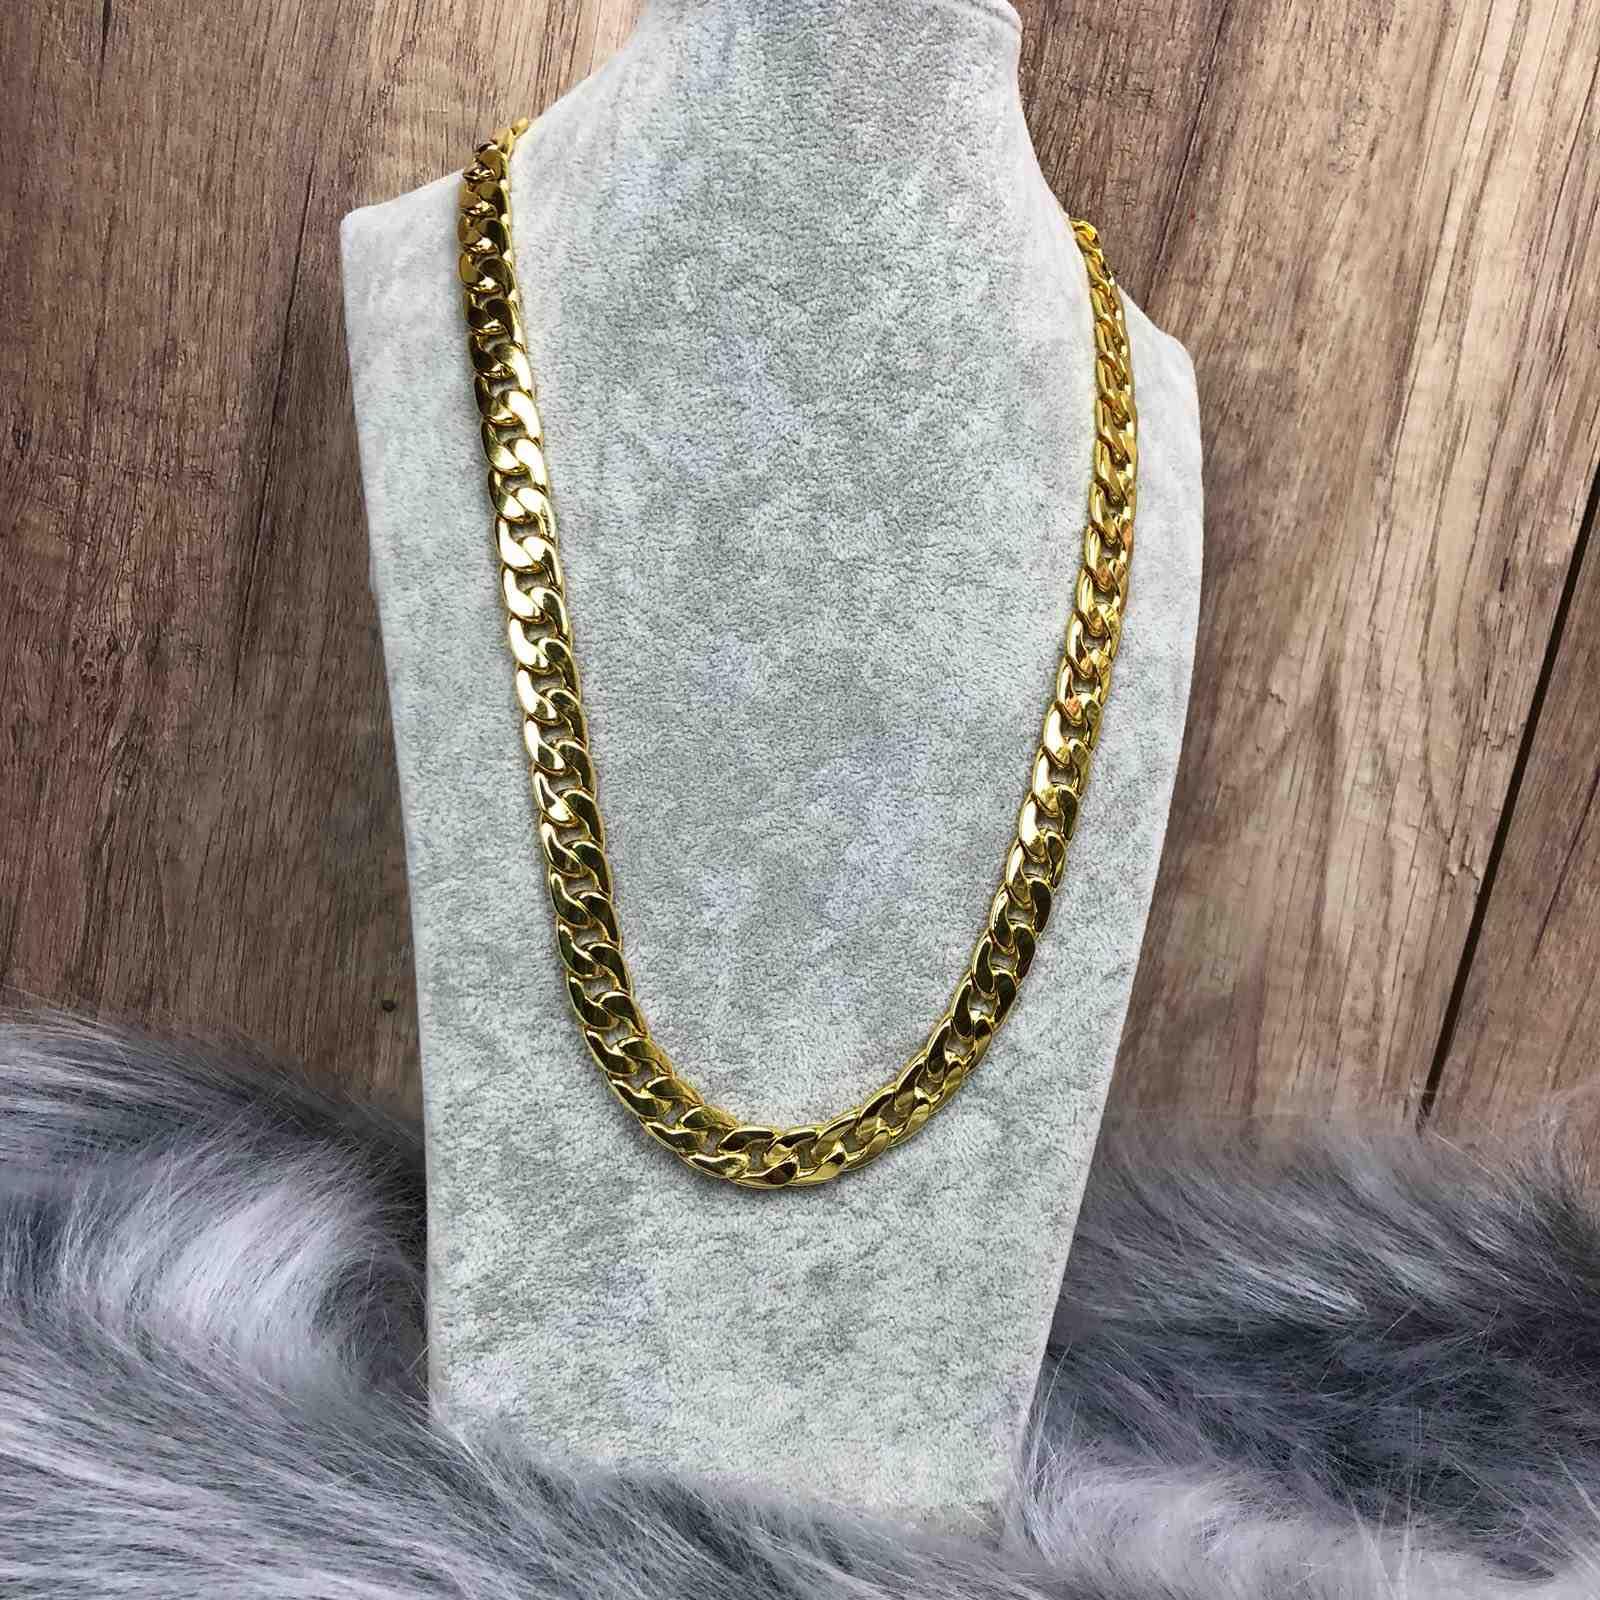 18dc30e1b6254 Colar Corrente Masculina Grossa Dourada Bijoux 11mm - Diamante Rosa ...